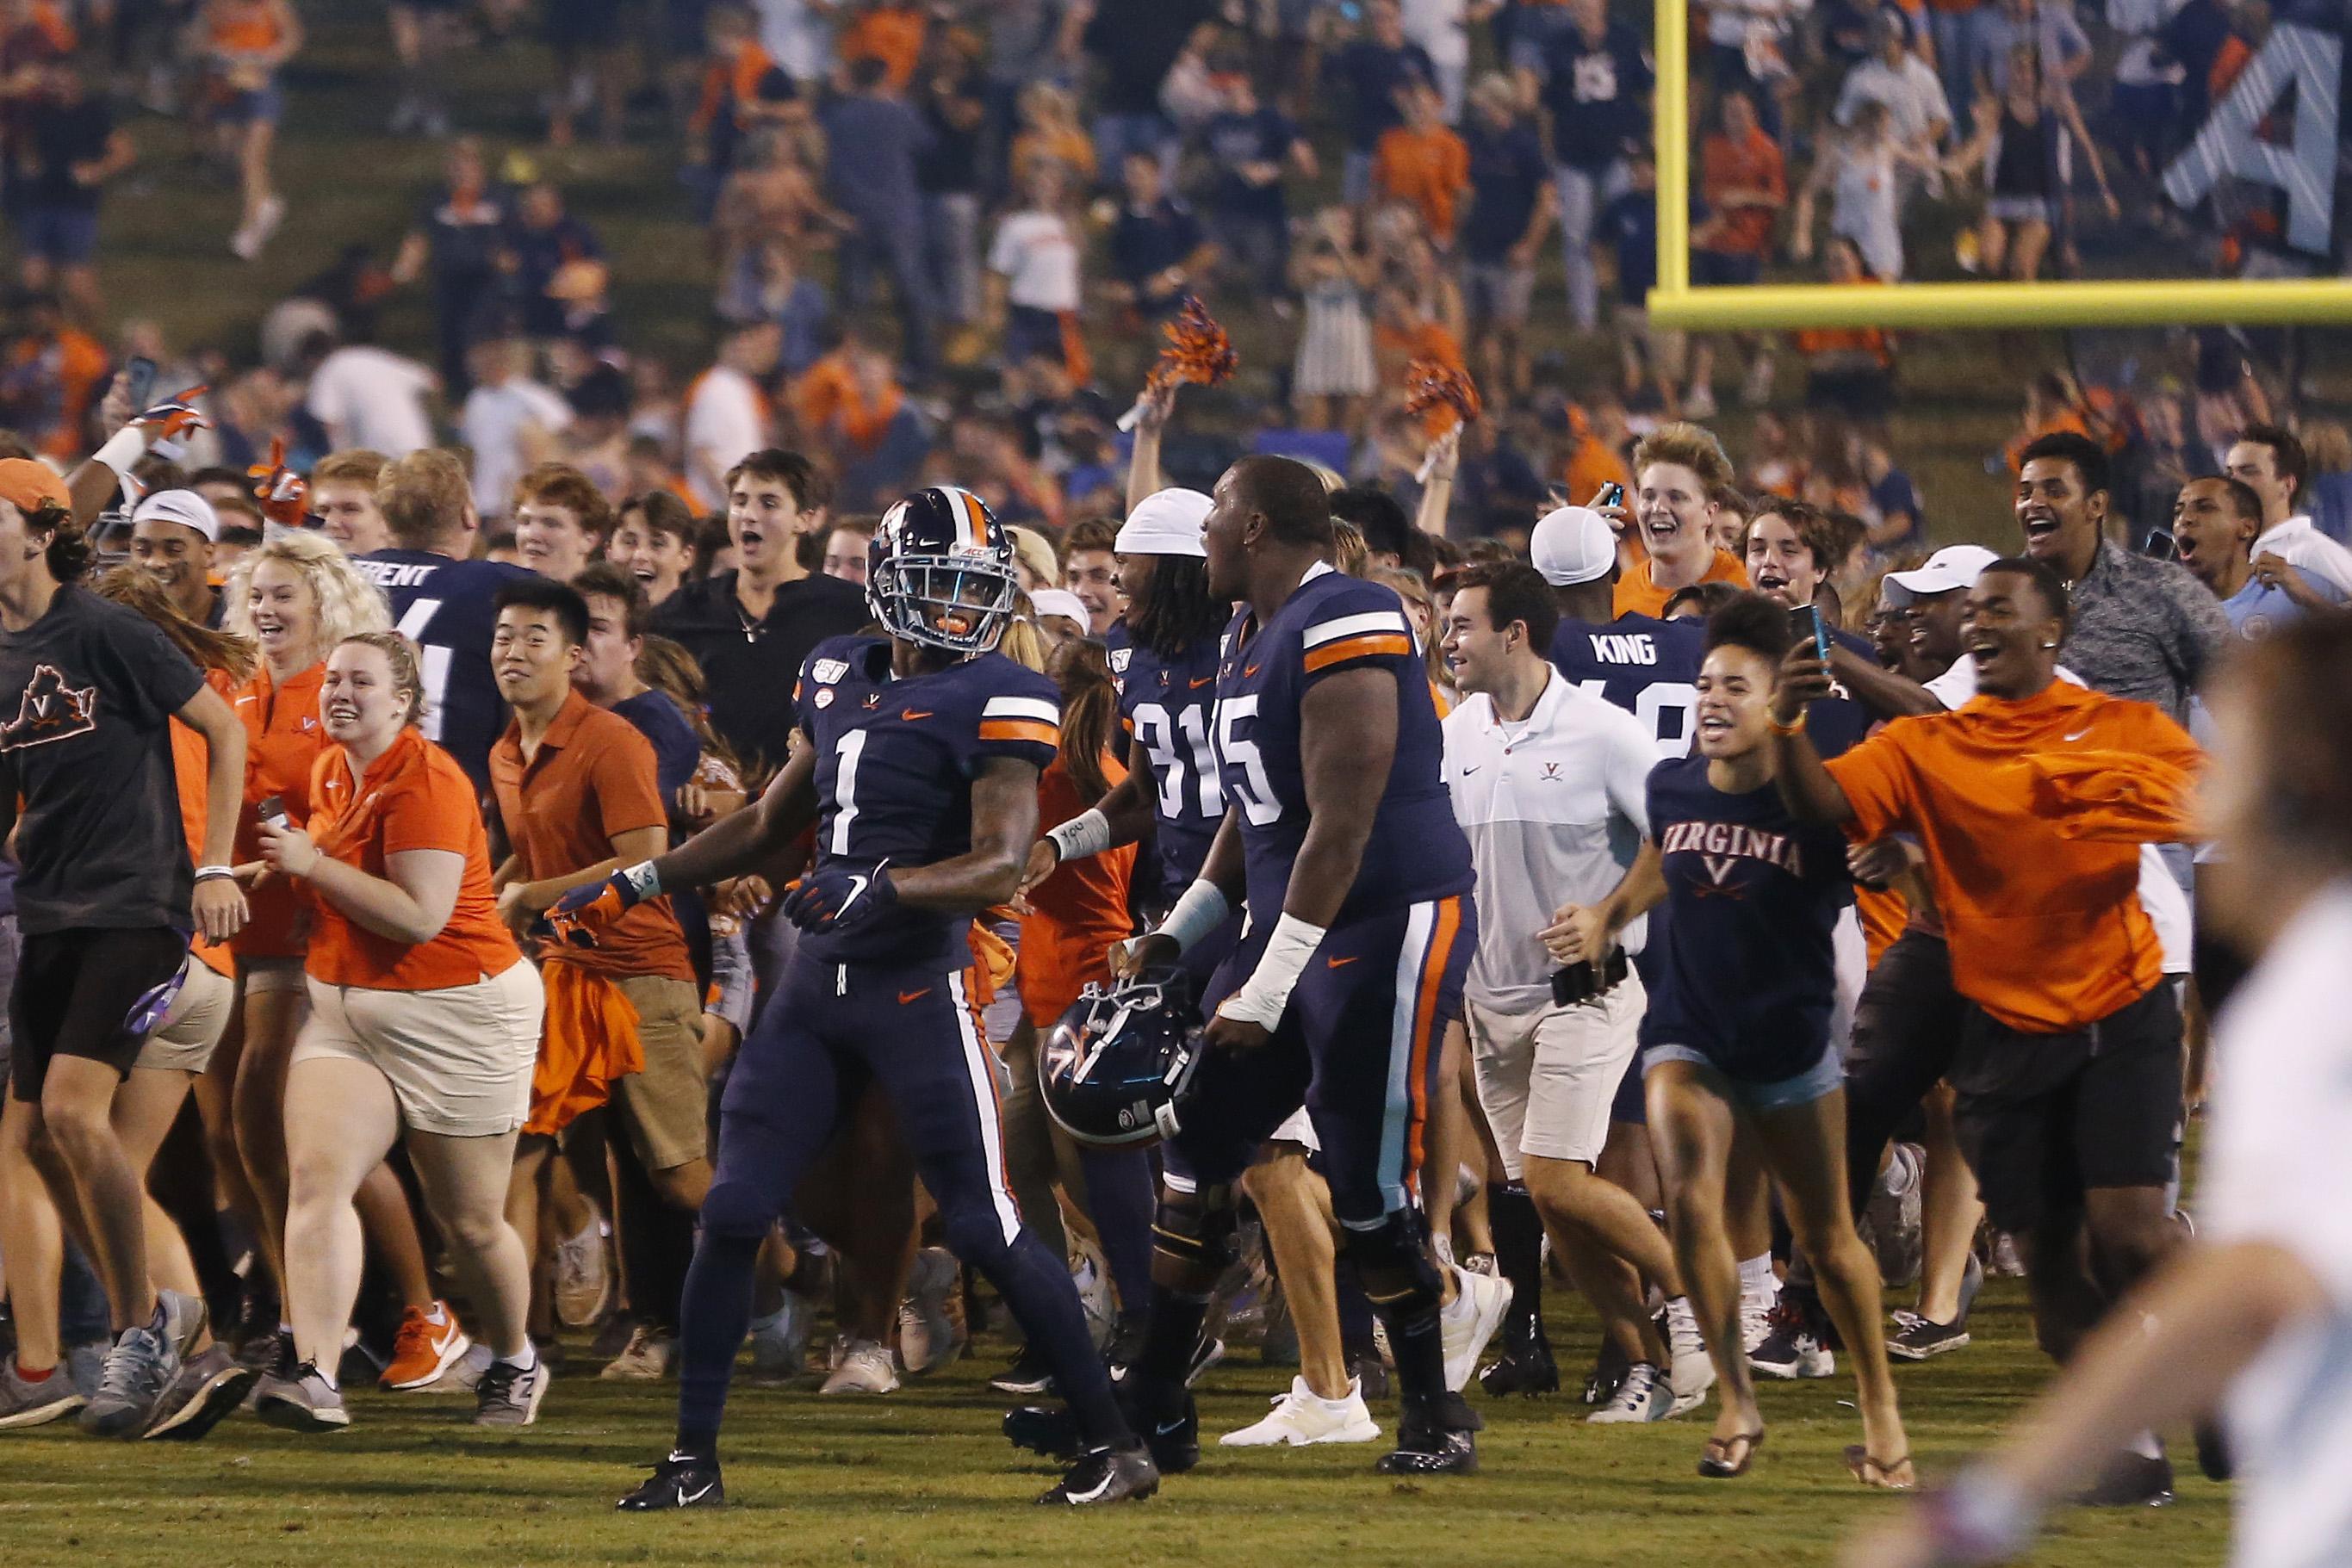 NCAA Football: Florida State at Virginia